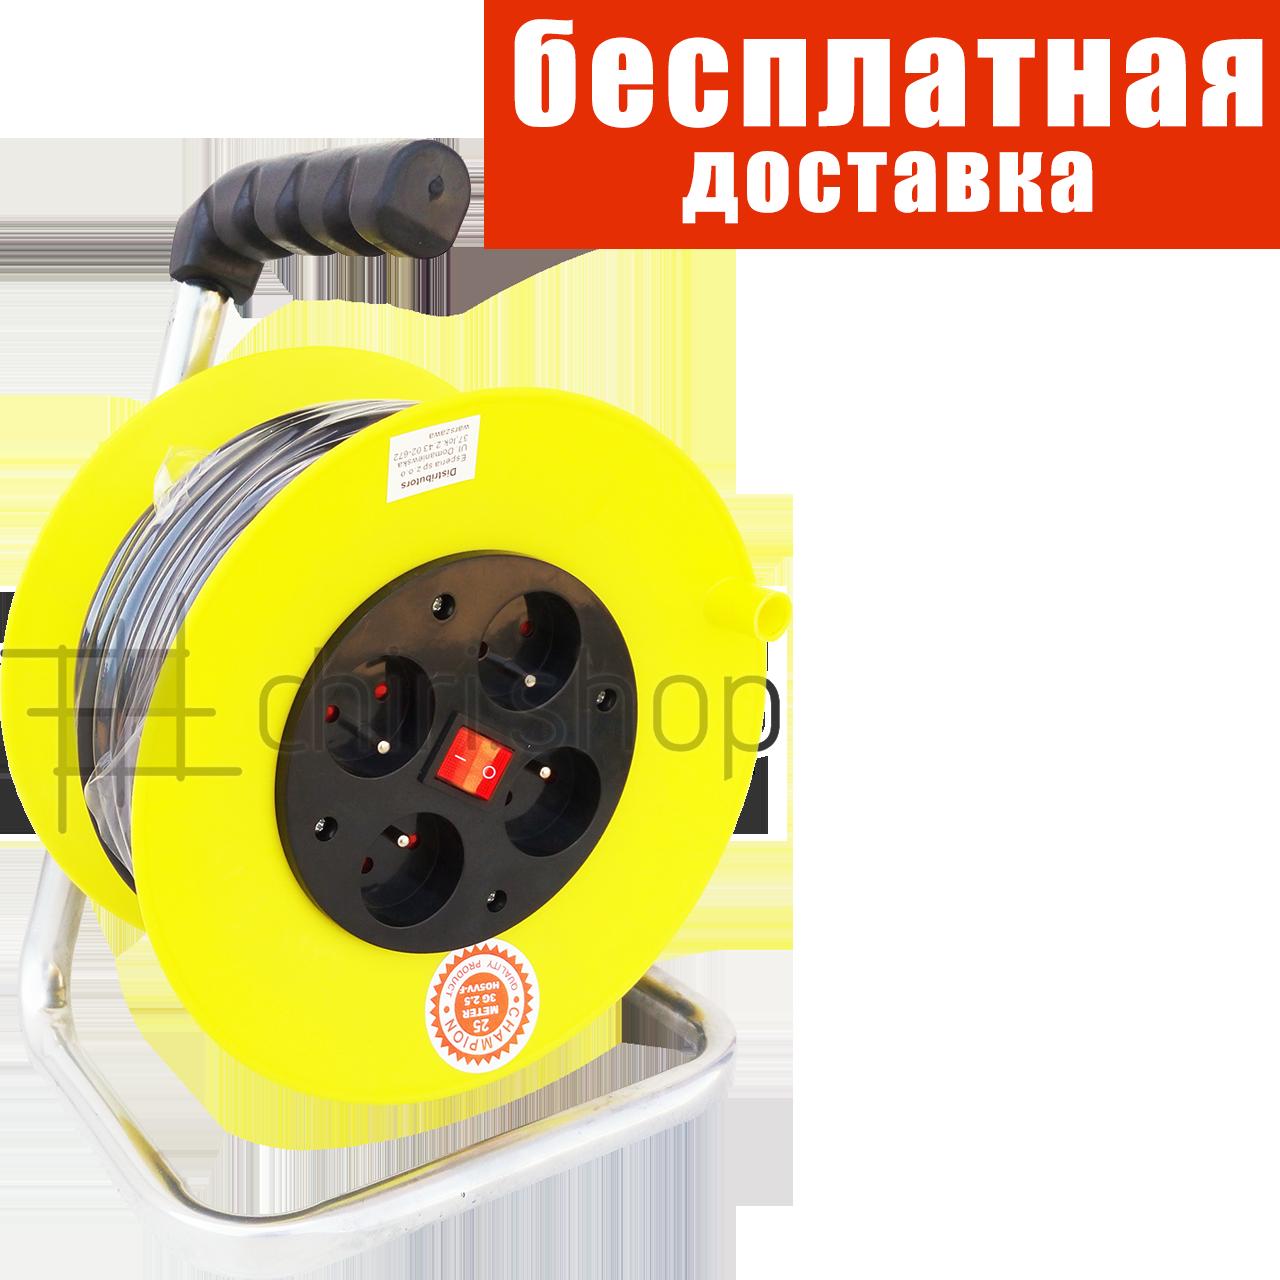 Удлинитель сетевой на катушке с выключателем, переноска, 3GX2.5mm, 4 розетки